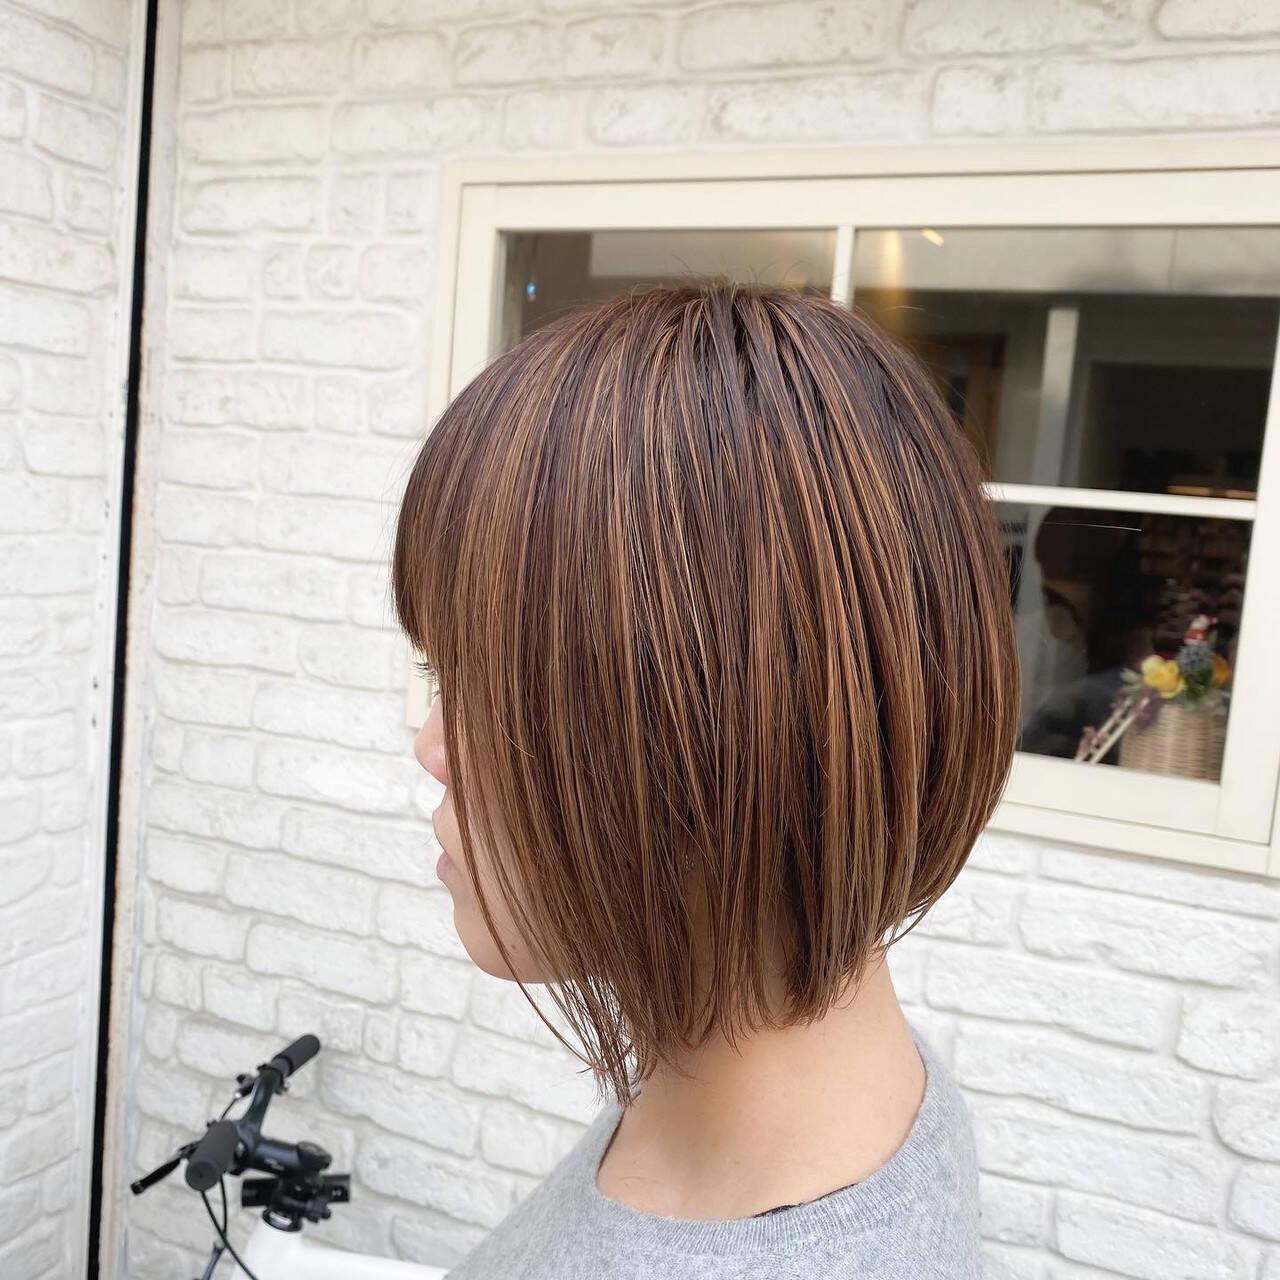 コントラストハイライト ナチュラル 大人ハイライト 極細ハイライトヘアスタイルや髪型の写真・画像